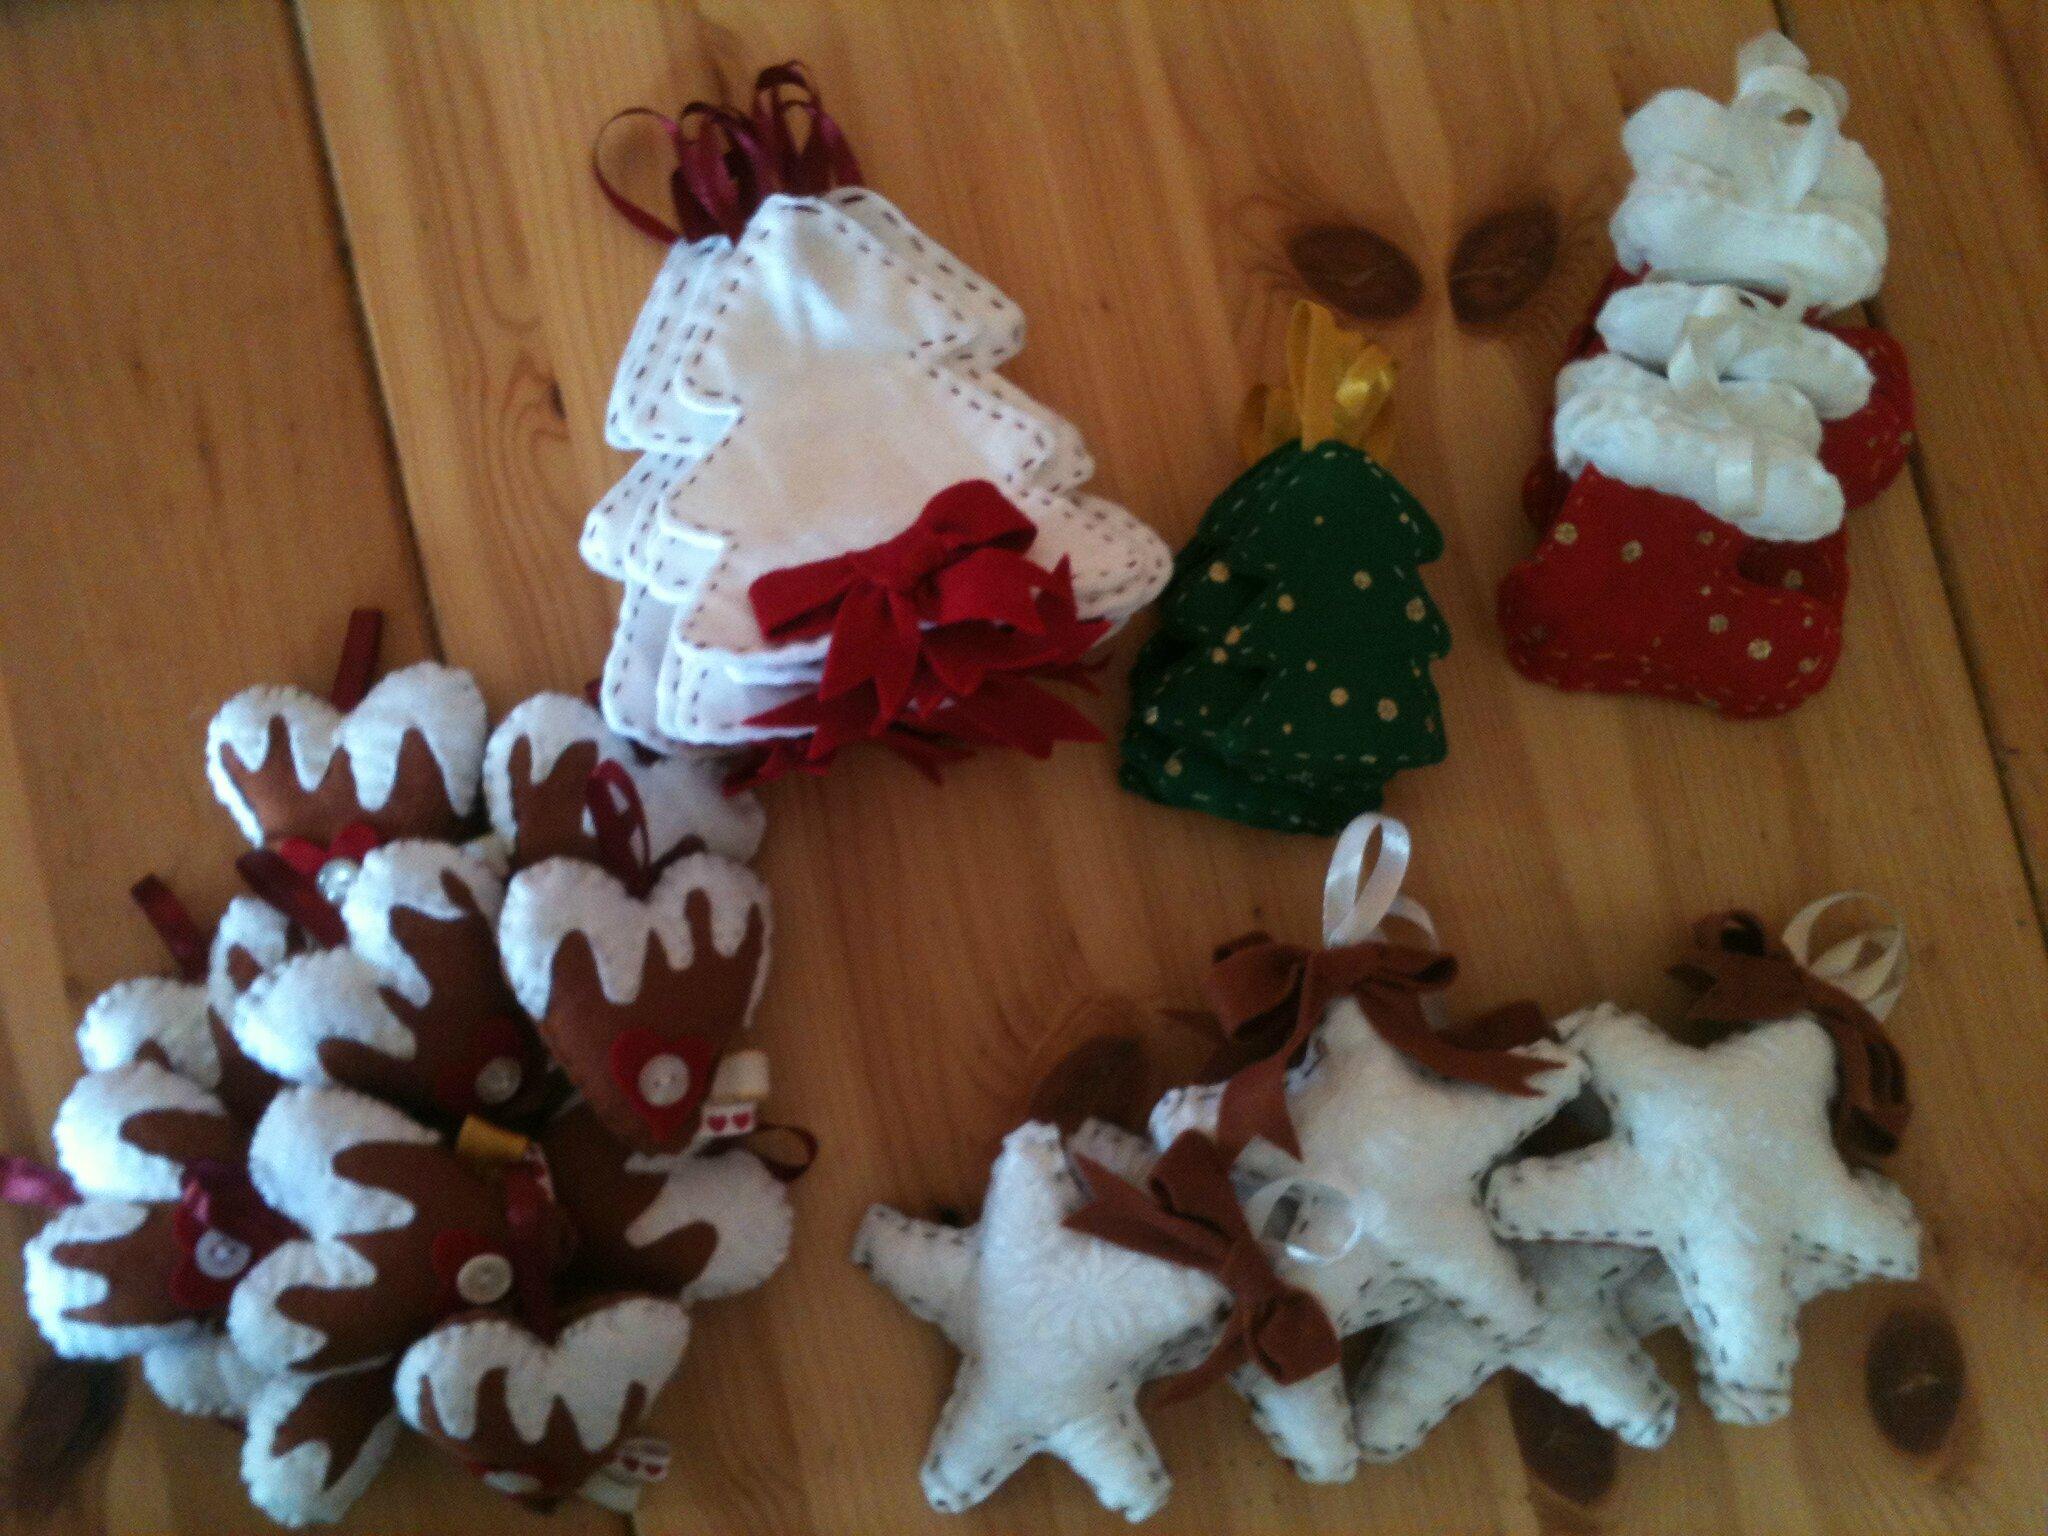 #6D4324 Décorations De Noël En Feutrine Le Petit Monde D  5427 décorations de noel feutrine 2048x1536 px @ aertt.com